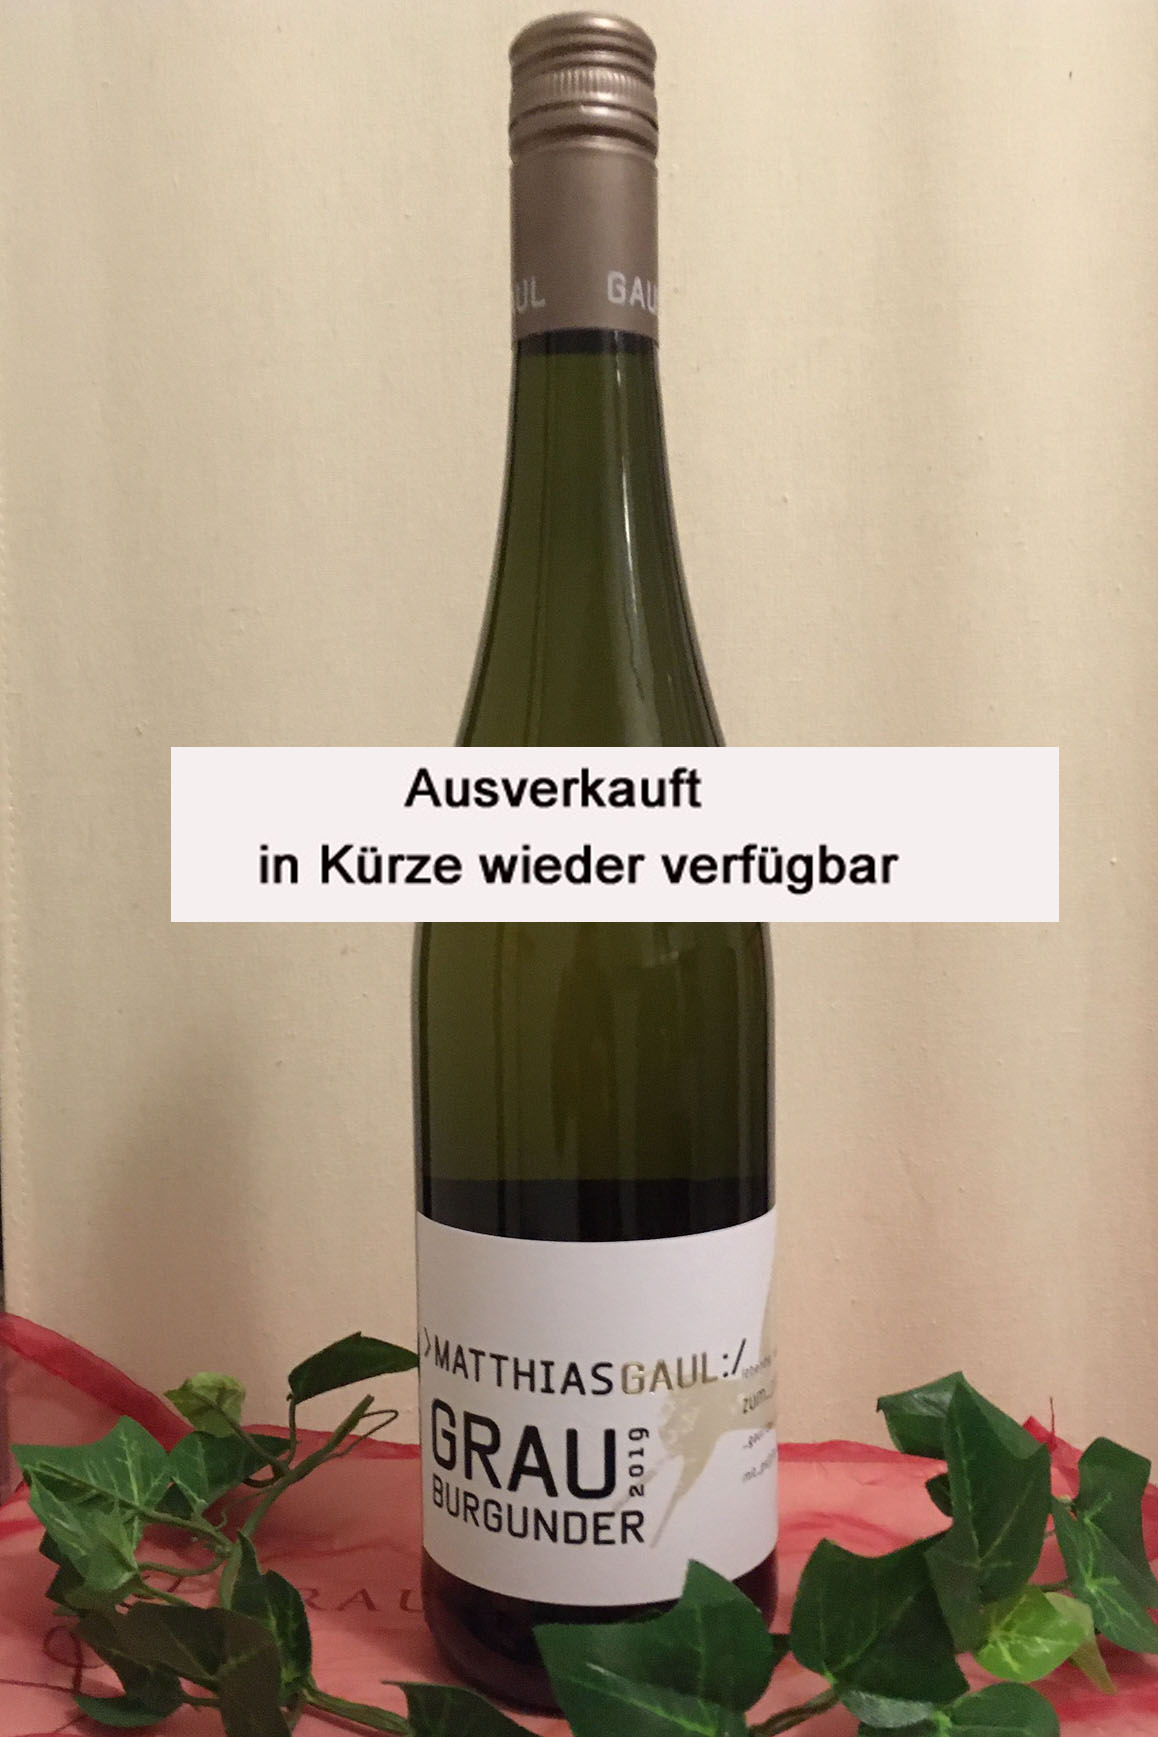 2019 Grauburgunder trocken, Weingut Matthias Gaul, Pfalz